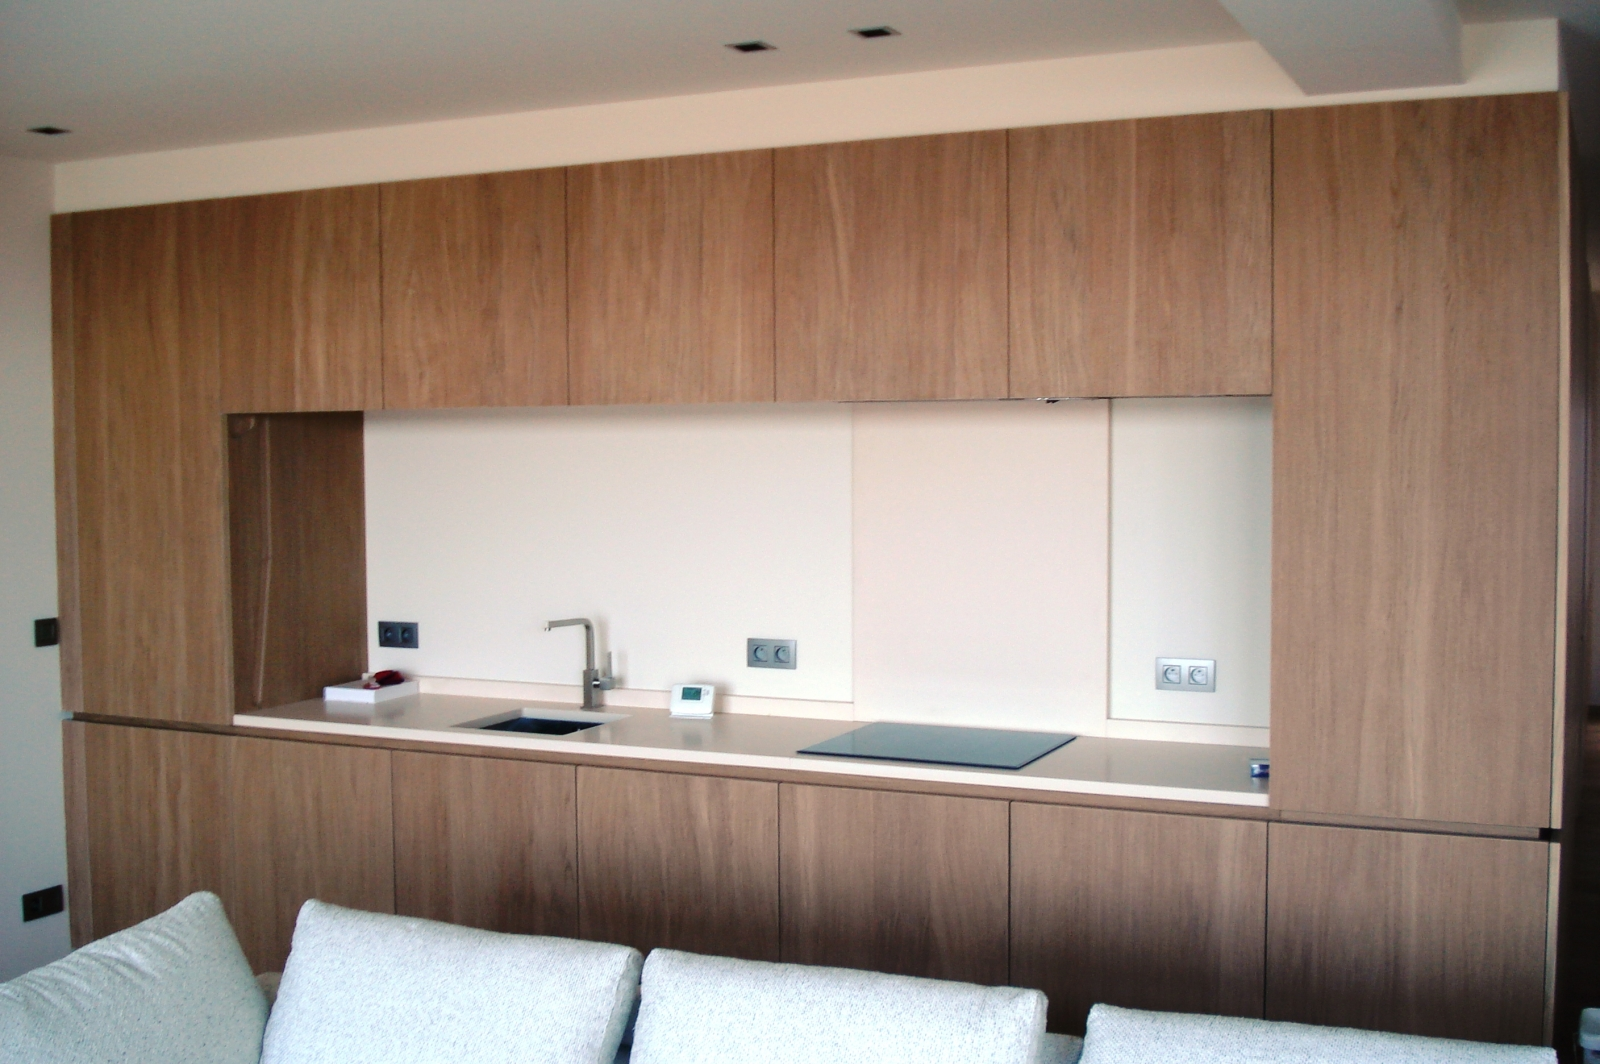 Keukens rv maatmeubelen b v b a - Open keuken op verblijf ...